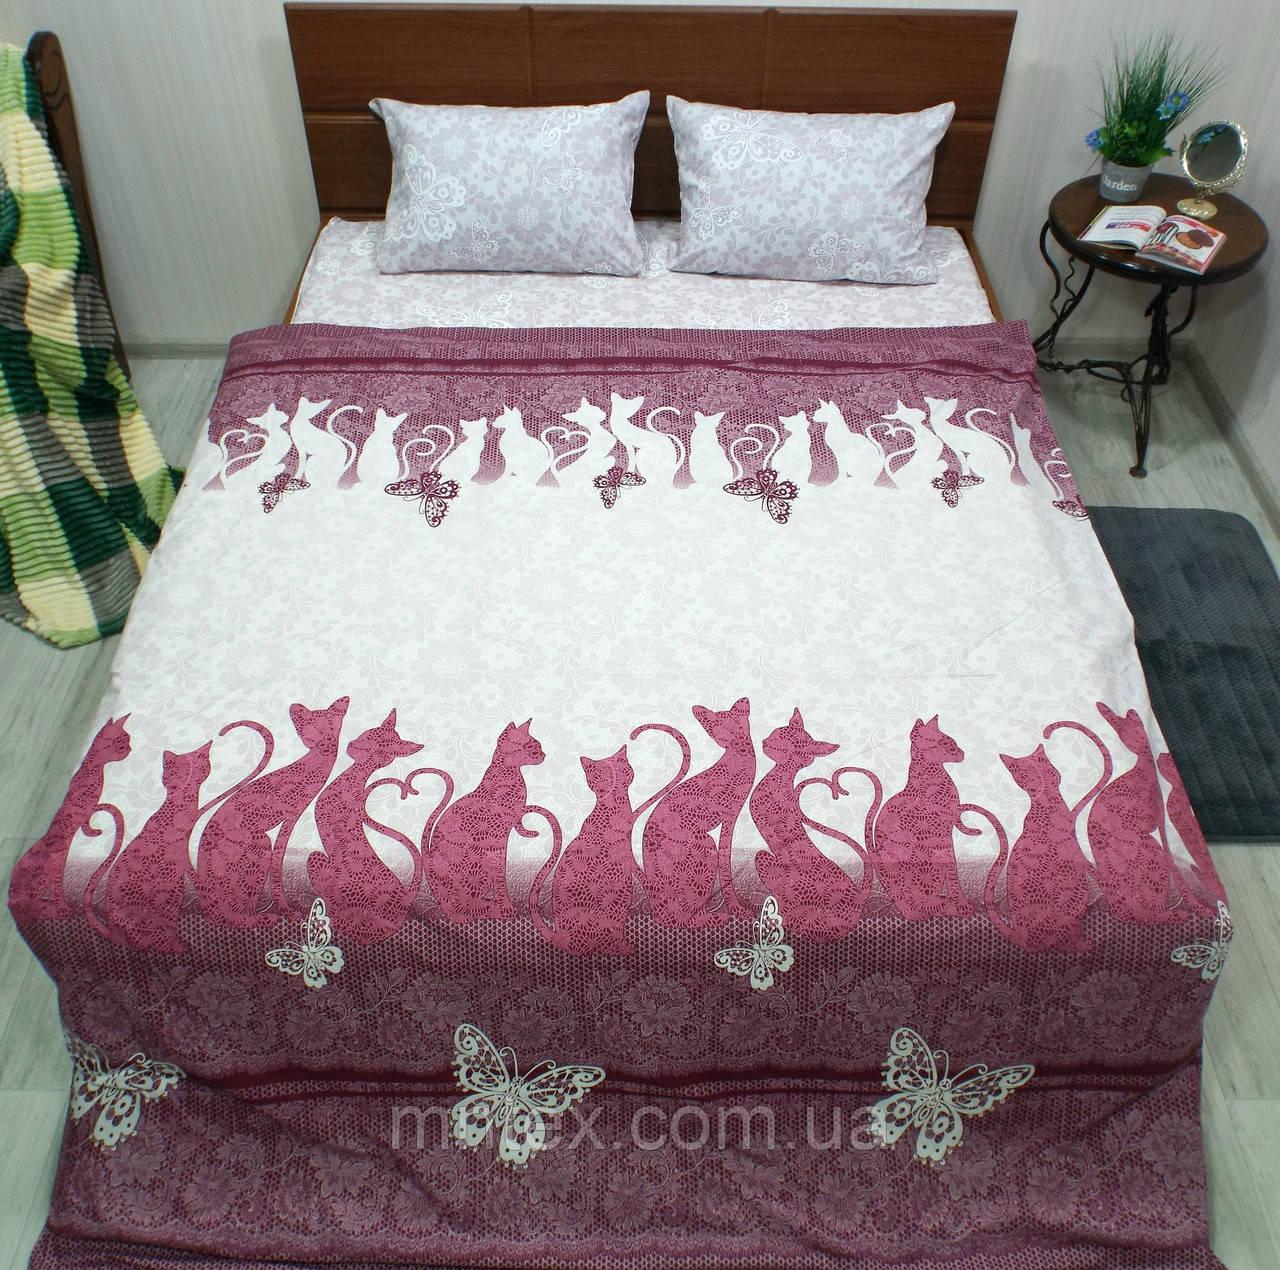 Комплект постельного белья бязь Голд Мартовские коты